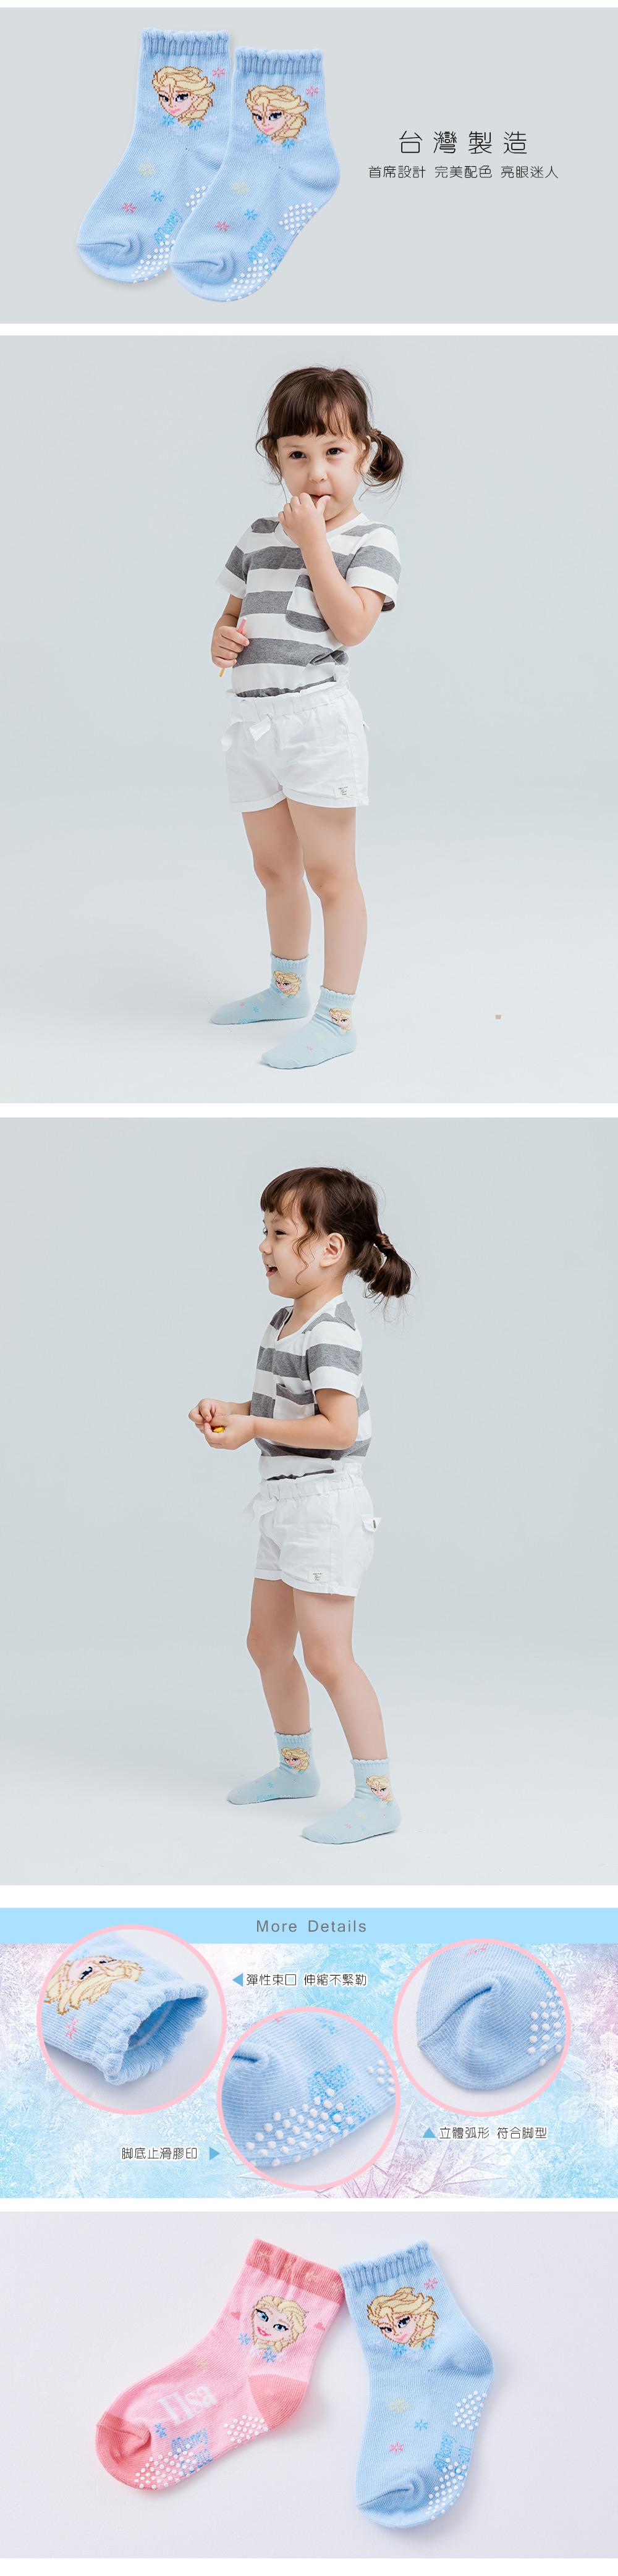 冰雪奇緣幼童短襪-01